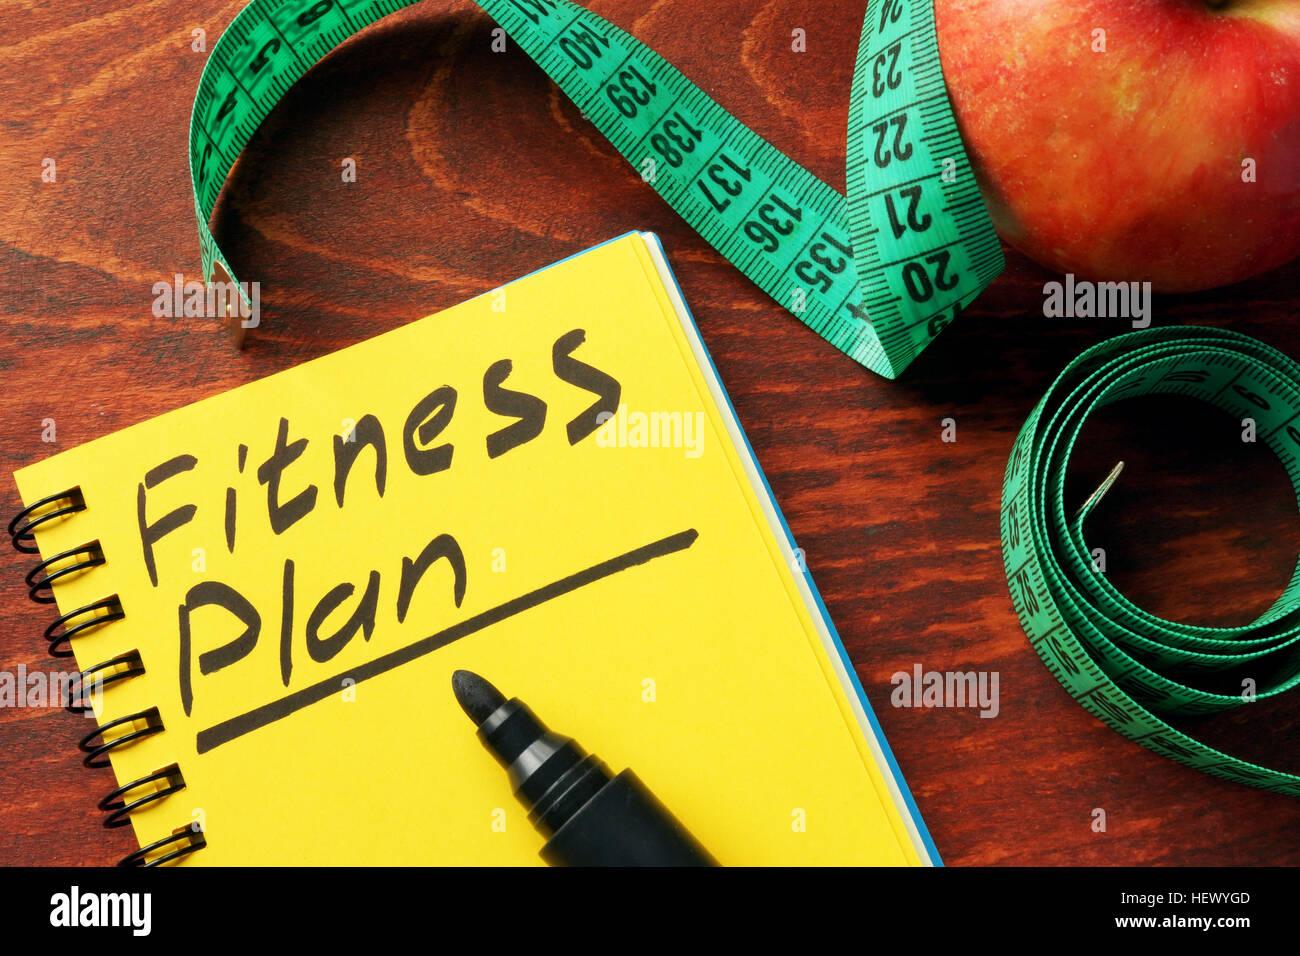 Plan de Fitness escrito en una nota. Concepto de estilo de vida saludable. Imagen De Stock